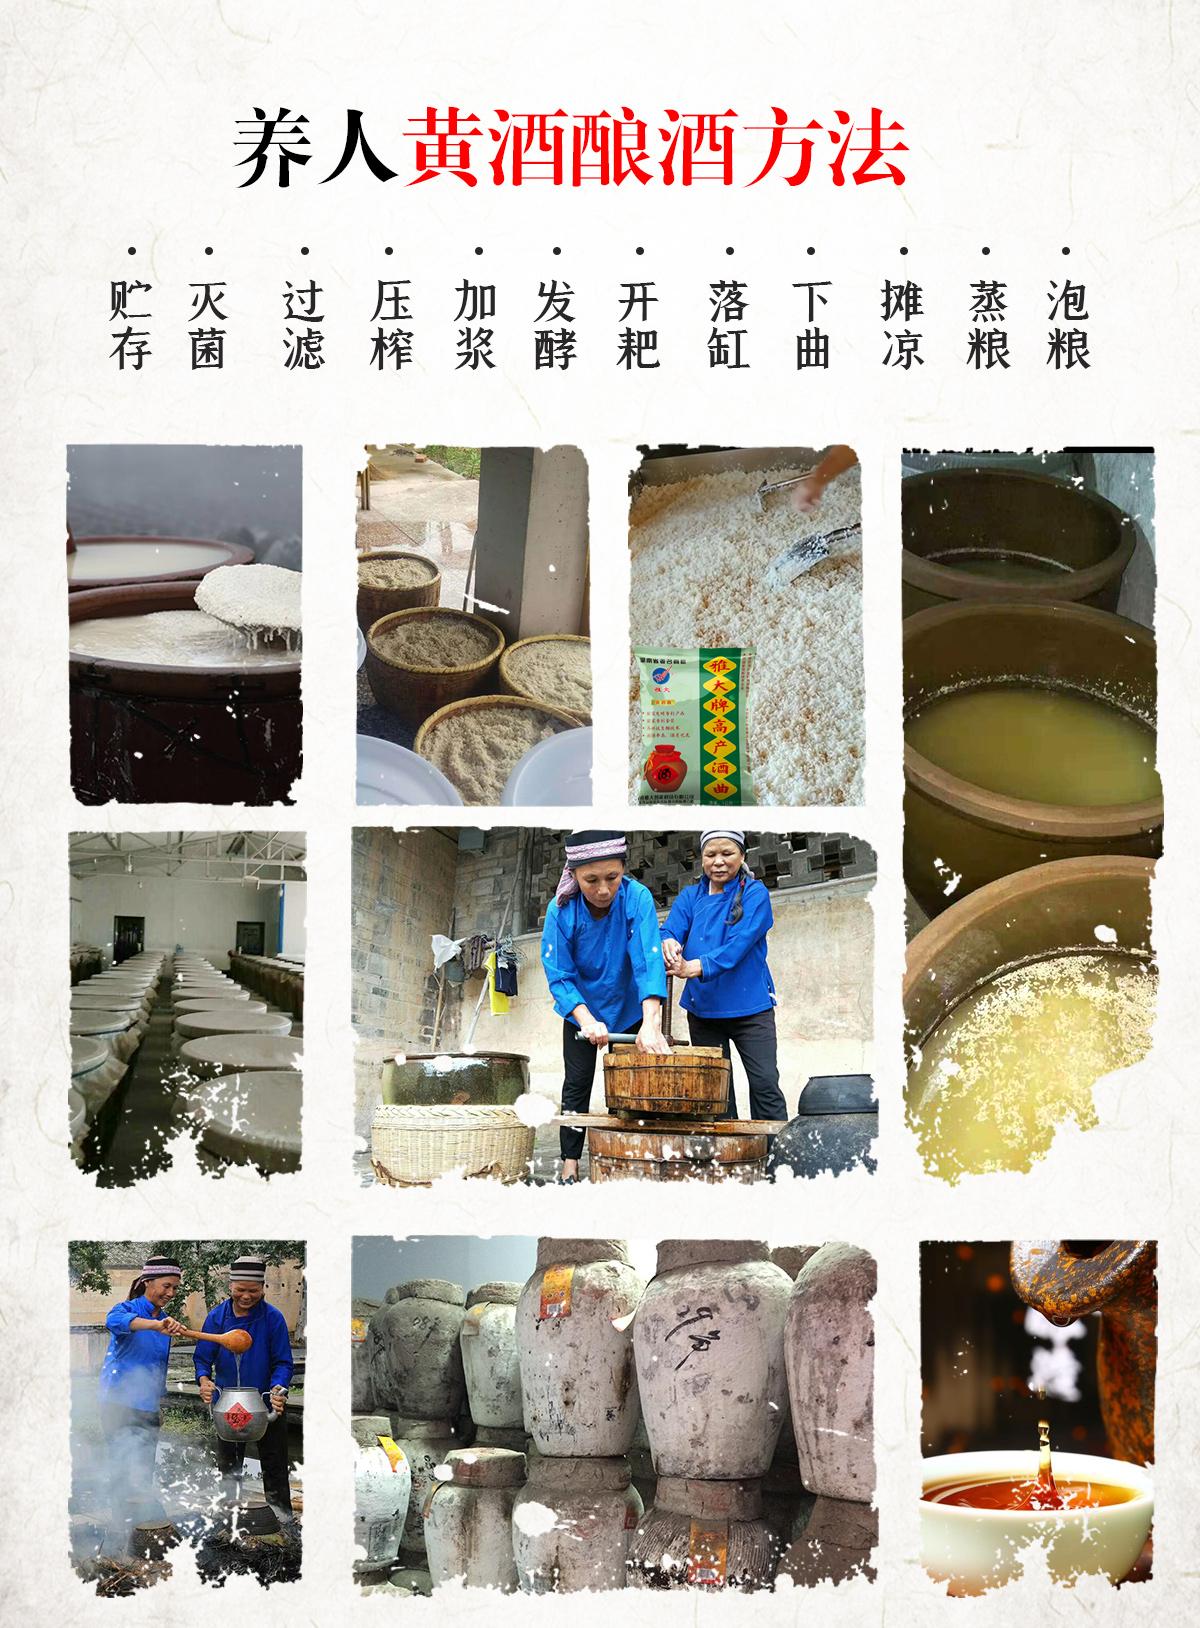 黄酒曲详情页_10